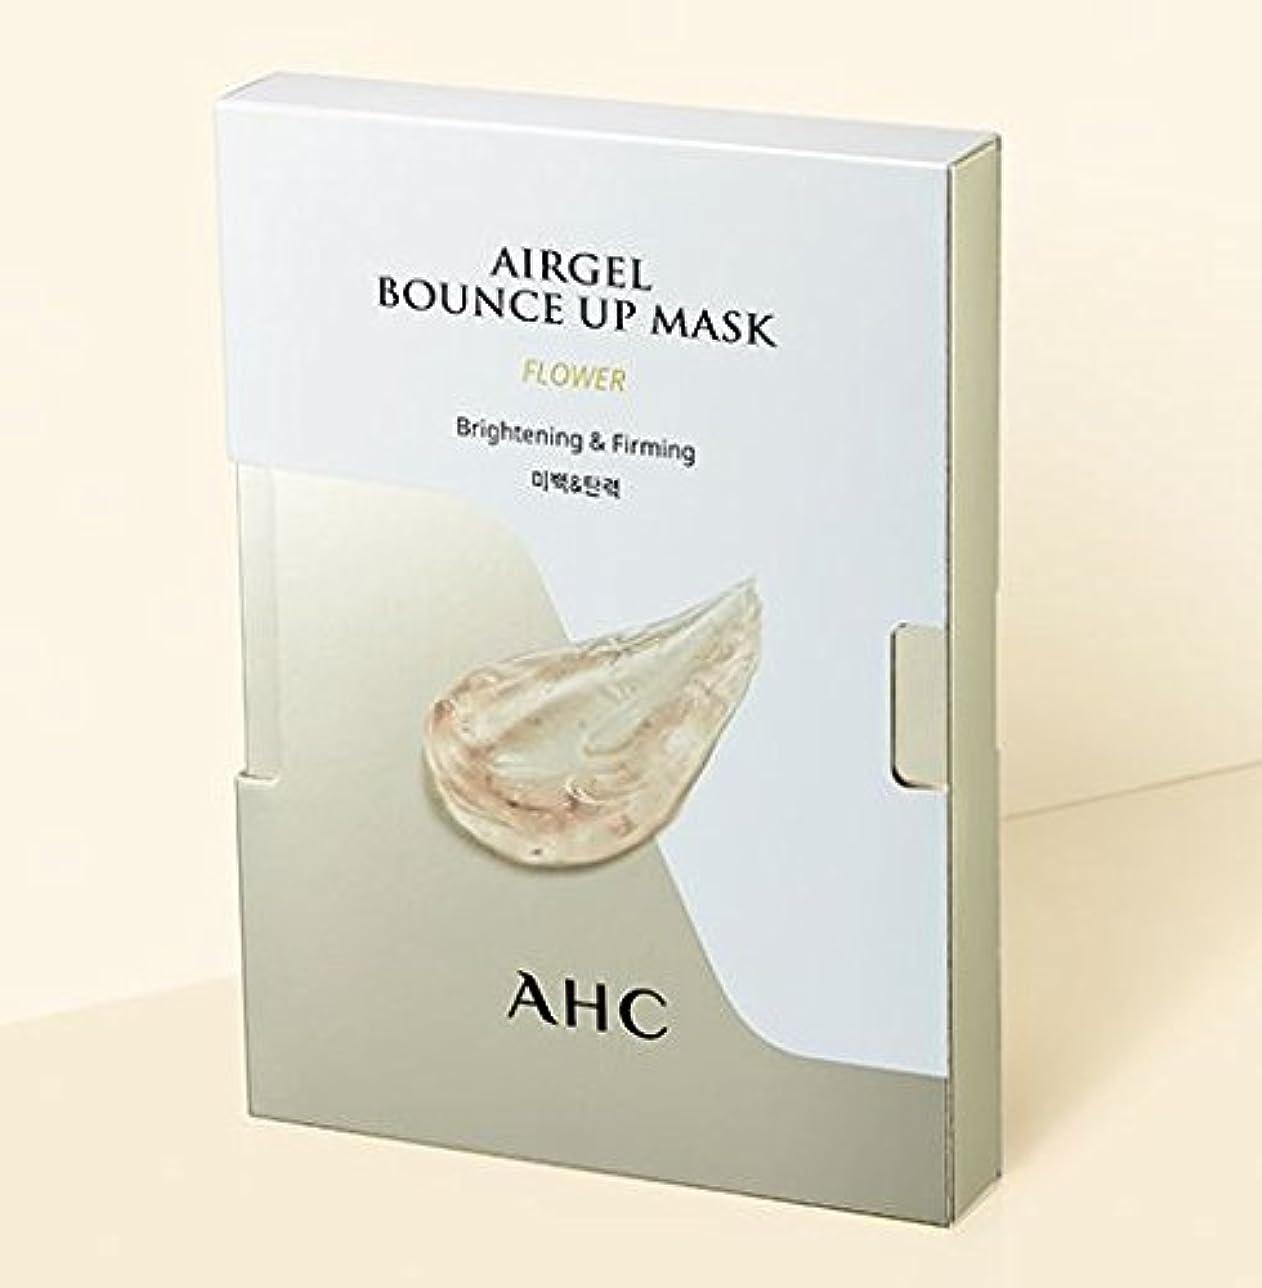 悲惨な汗トランクライブラリ[A.H.C] Airgel Bounce Up Mask FLOWER (Brightening&Firming)30g*5sheet/フラワーエアゲルマスク30g*5枚 [並行輸入品]